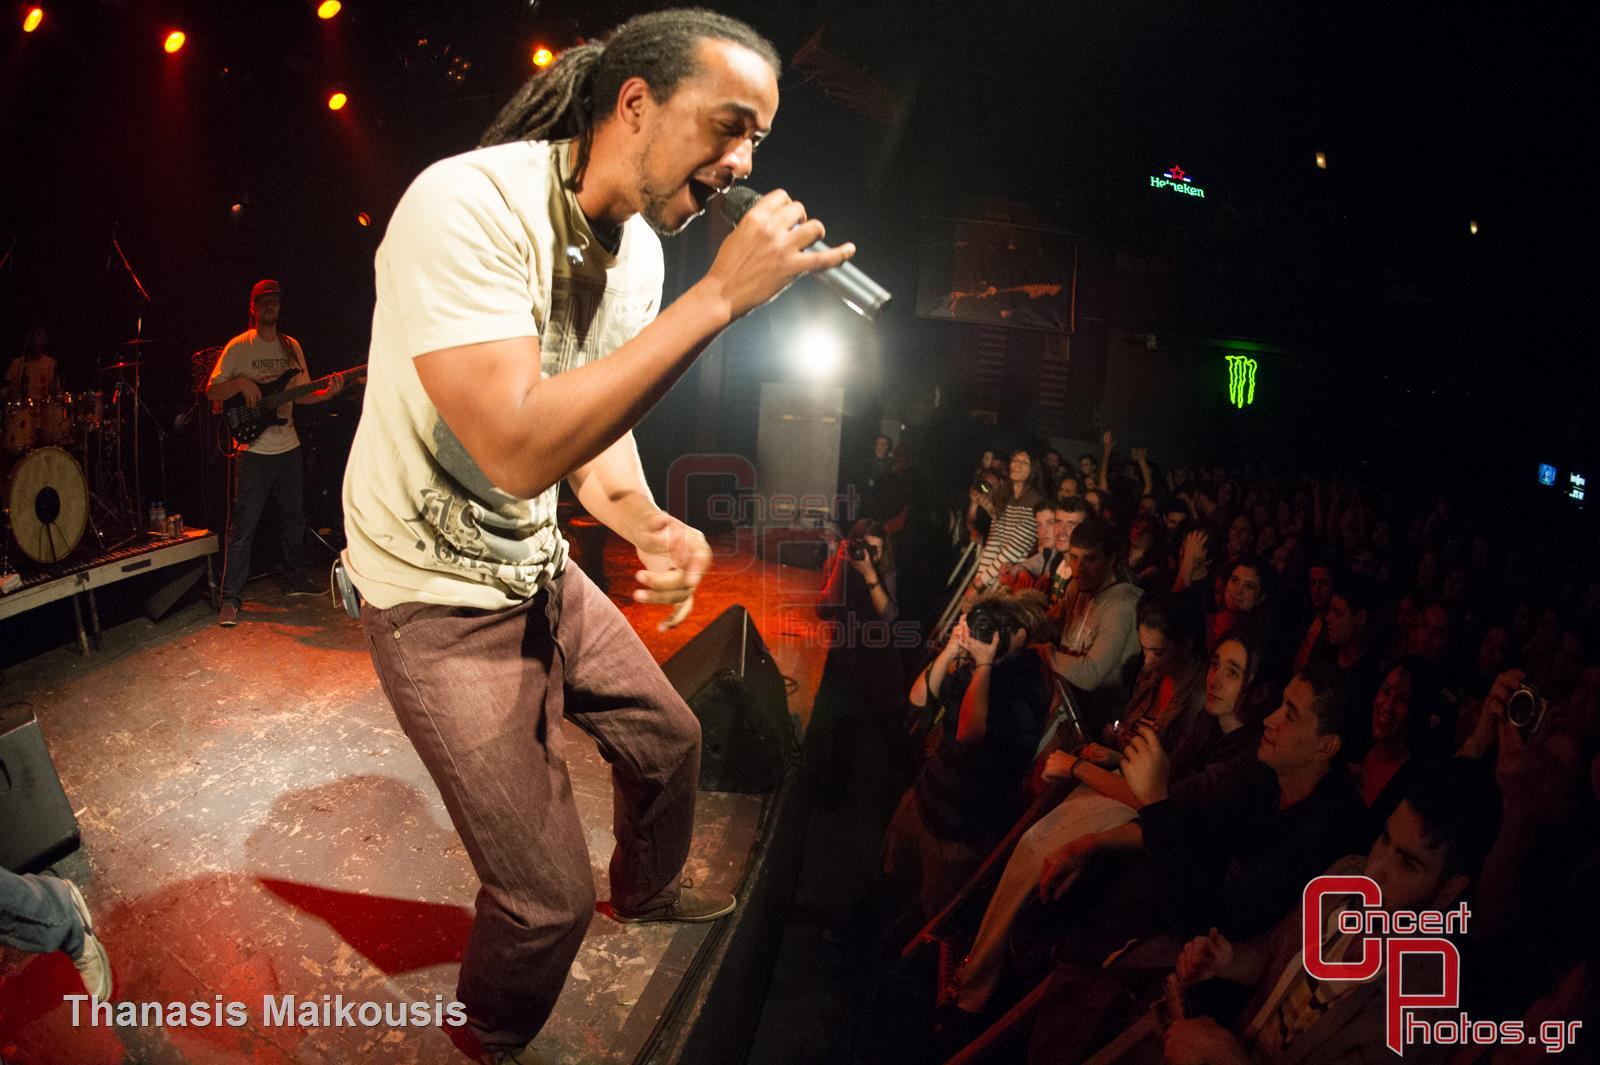 Dub Inc-Dub Inc photographer: Thanasis Maikousis - concertphotos_-5370